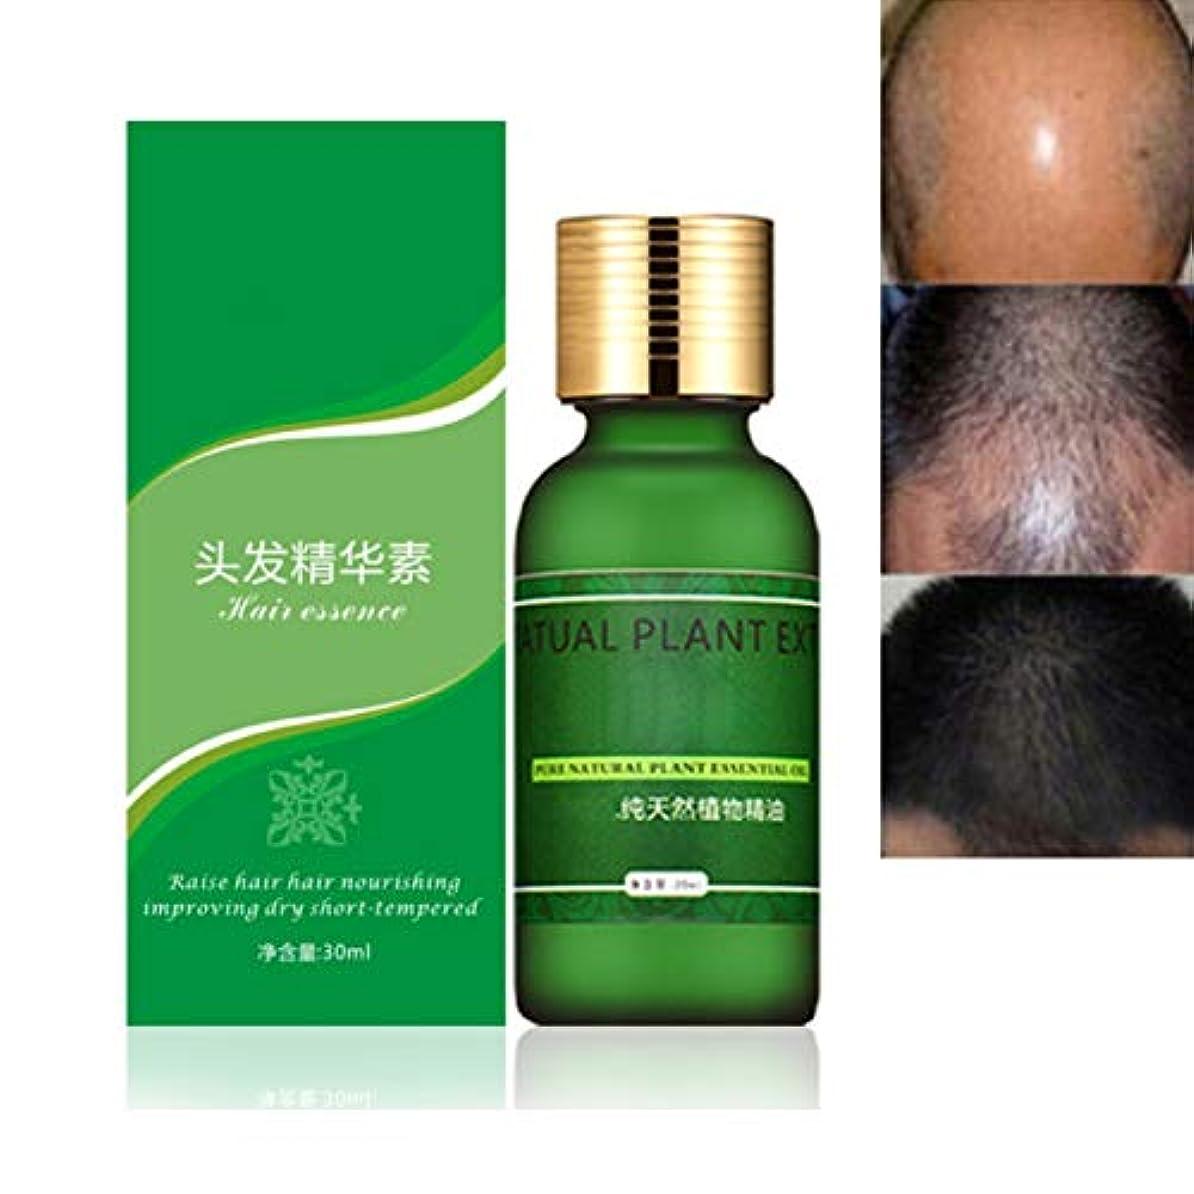 飢ランプブラウザ高麗人参育毛エッセンスオイル、抜け毛頭皮健康トリートメント液